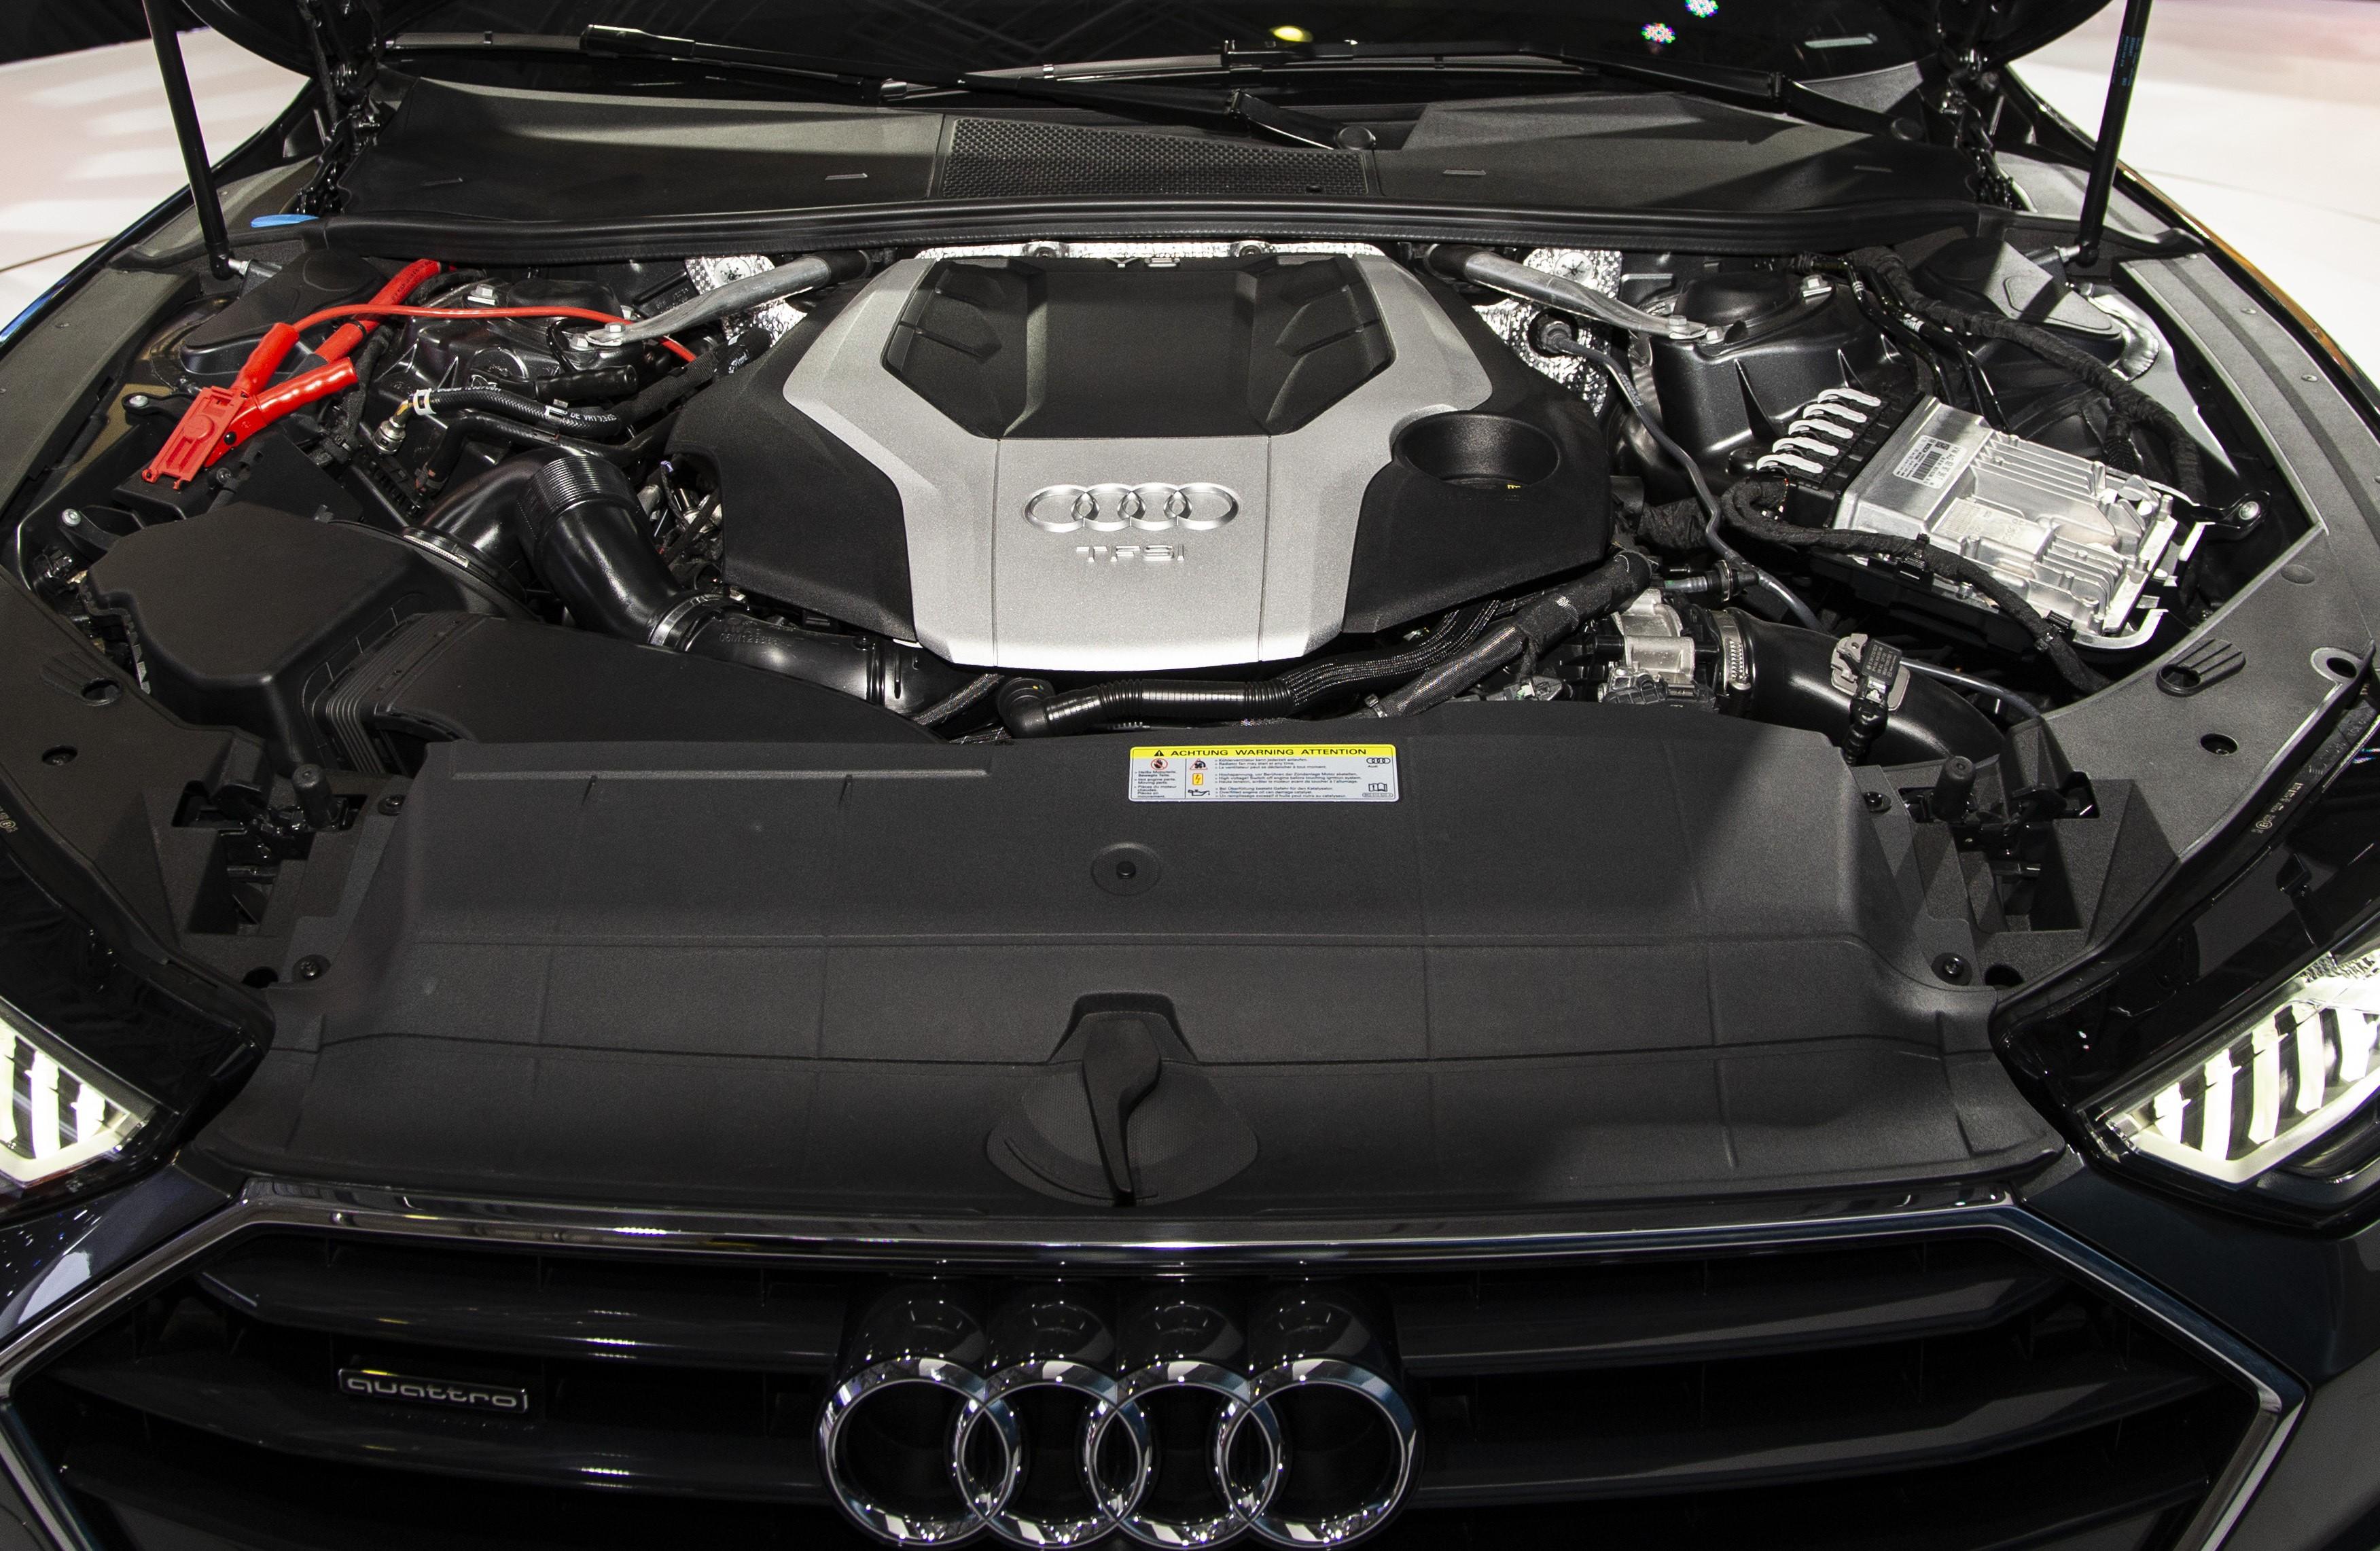 A7 Sportback được trang bị động cơ tăng áp TFSI V6 3.0L, cho công suất 340 mã lực